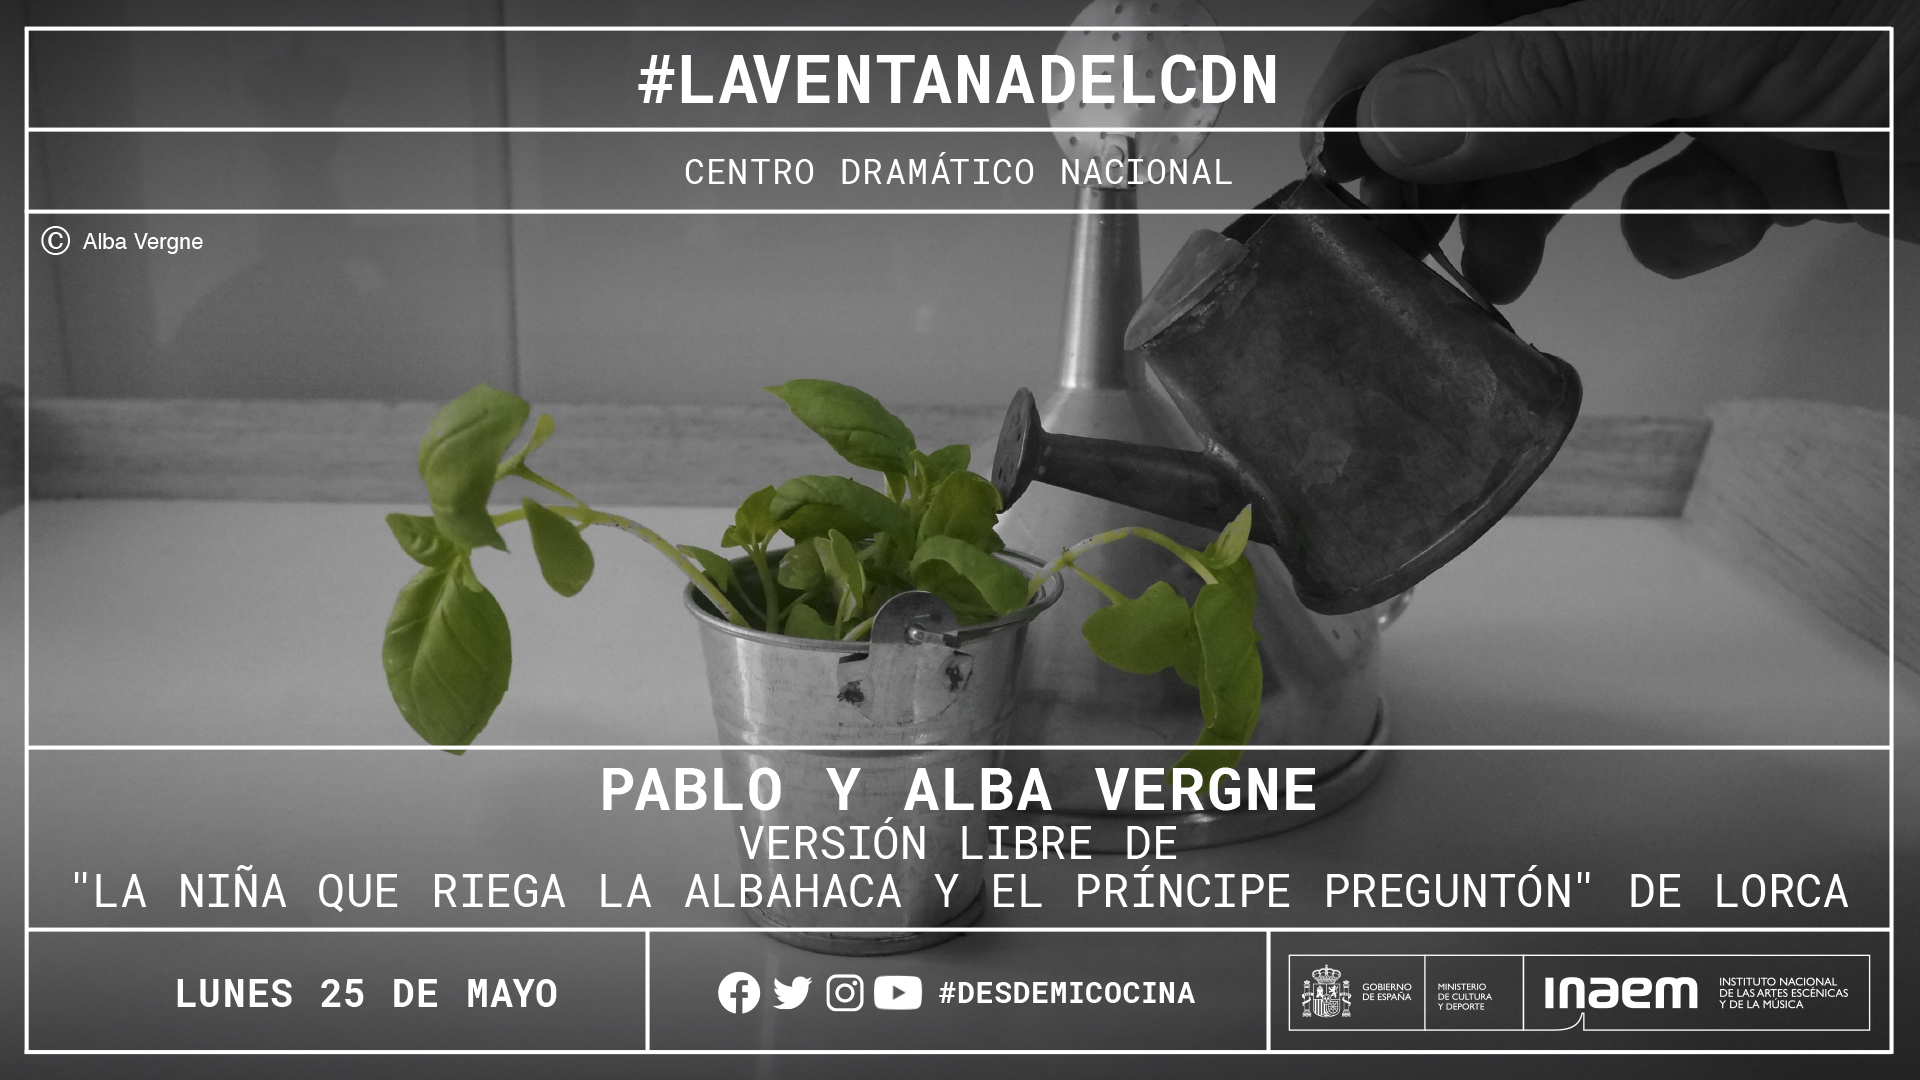 Pablo y Alba Vergne recrean «La niña que riega La albahaca» de Lorca desde su cocina